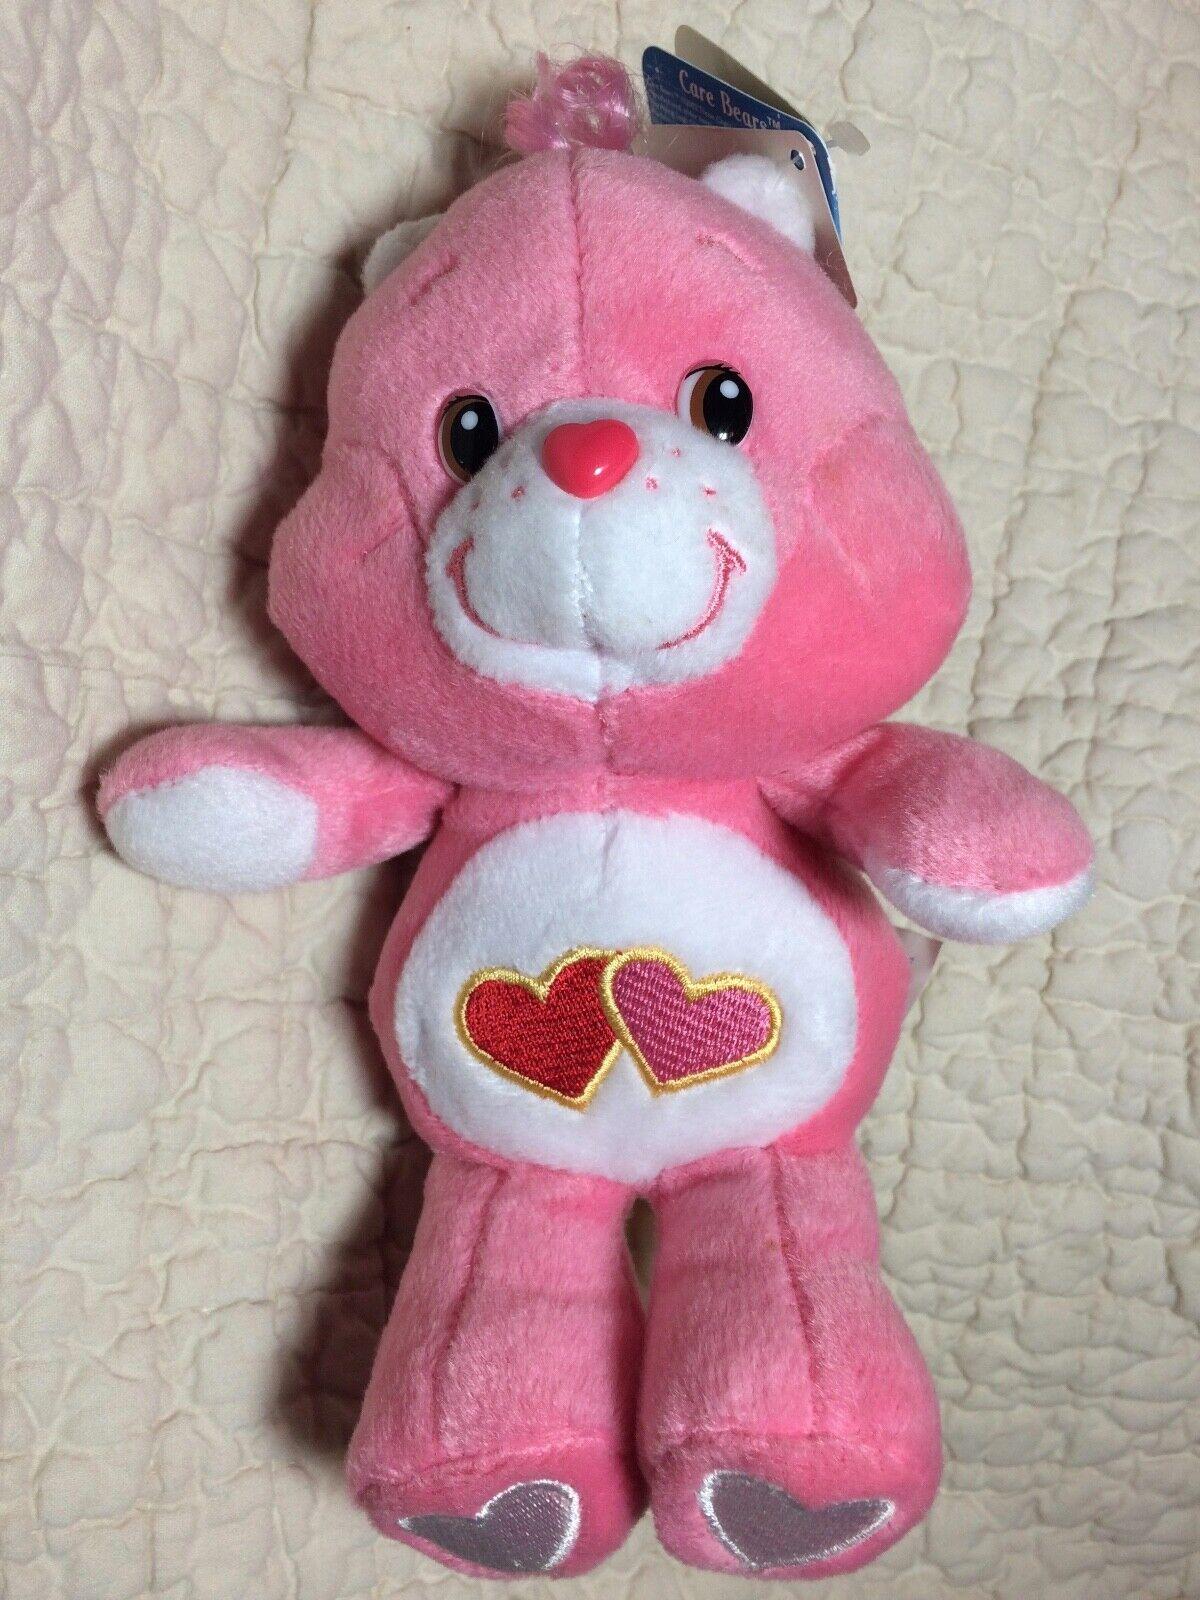 NWT Care Bears 20th Anniversary Love-A-Lot Bear 8 Plush 2002 - $12.00